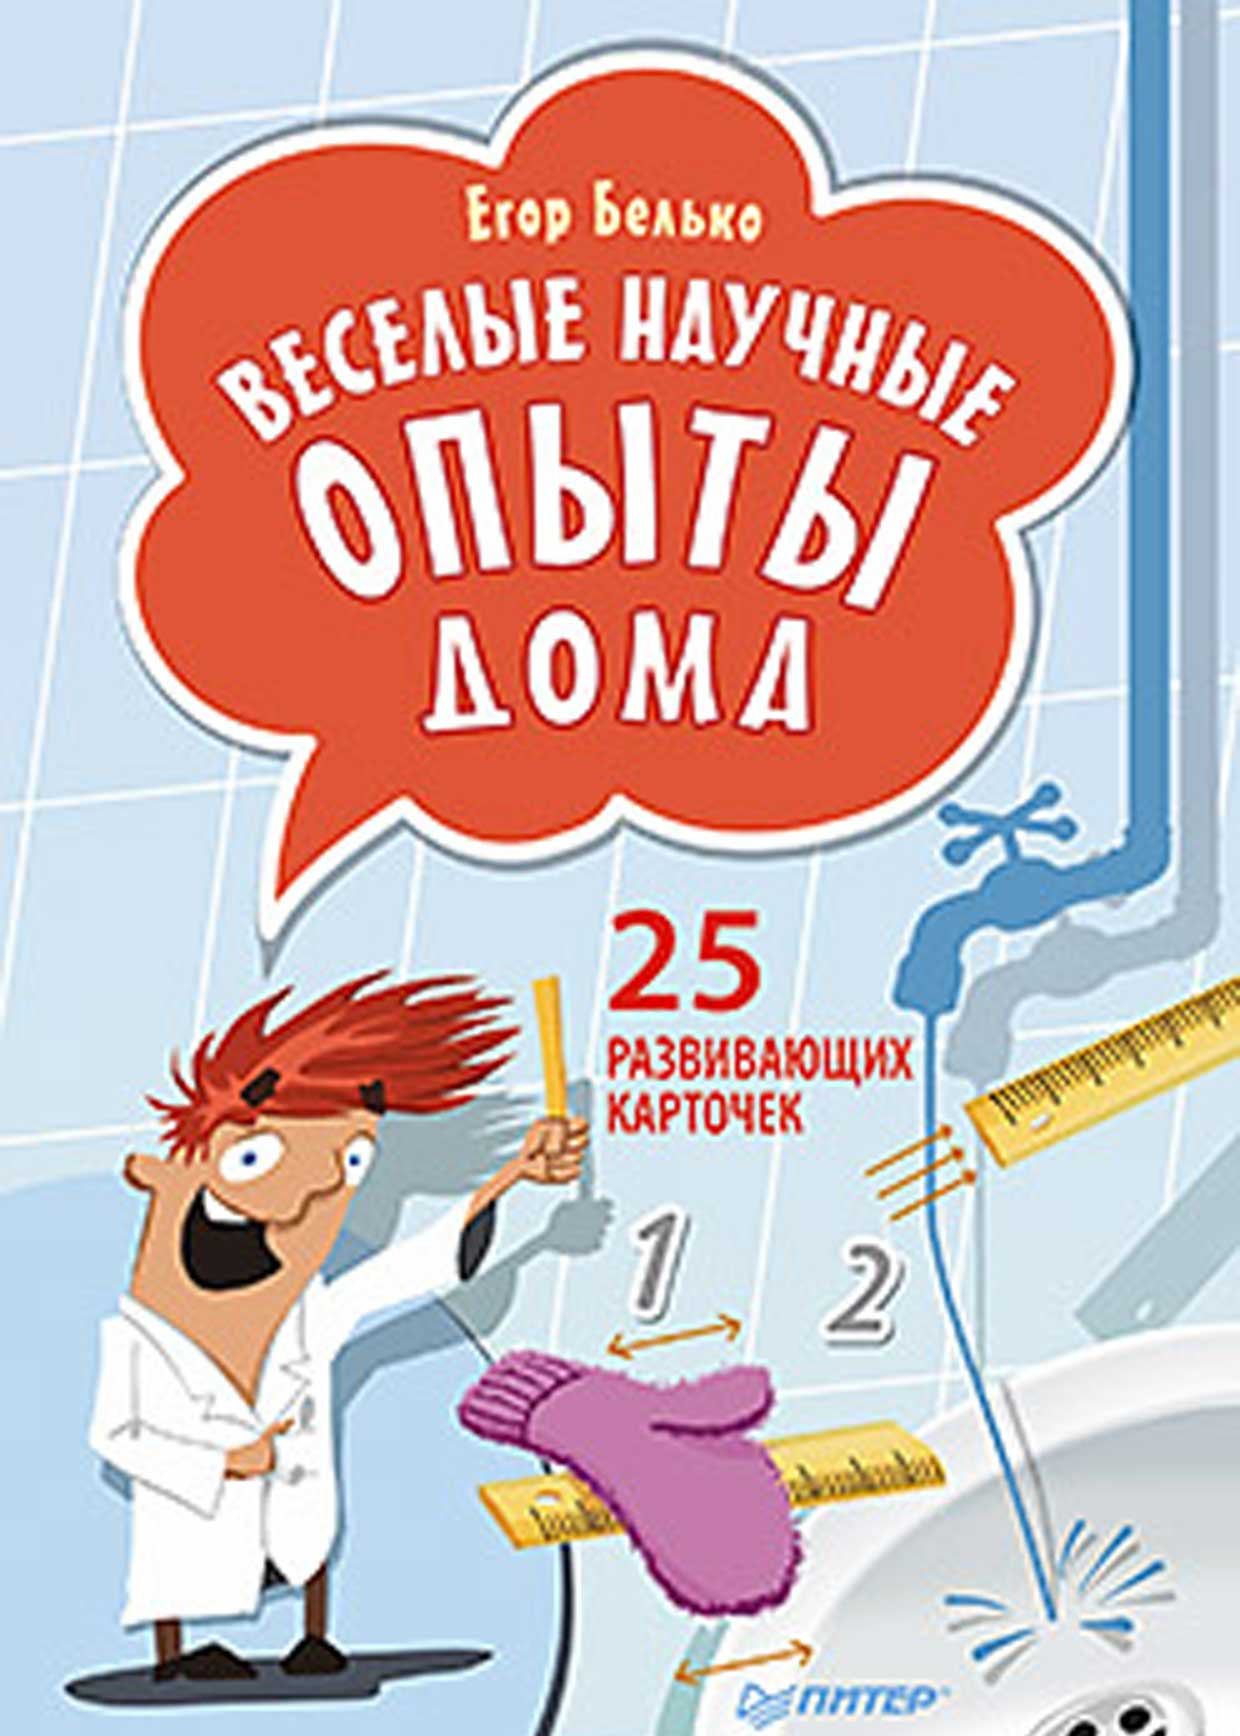 Егор Белько Веселые научные опыты дома. 25 развивающих карточек егор белько веселые научные опыты дома 25 развивающих карточек